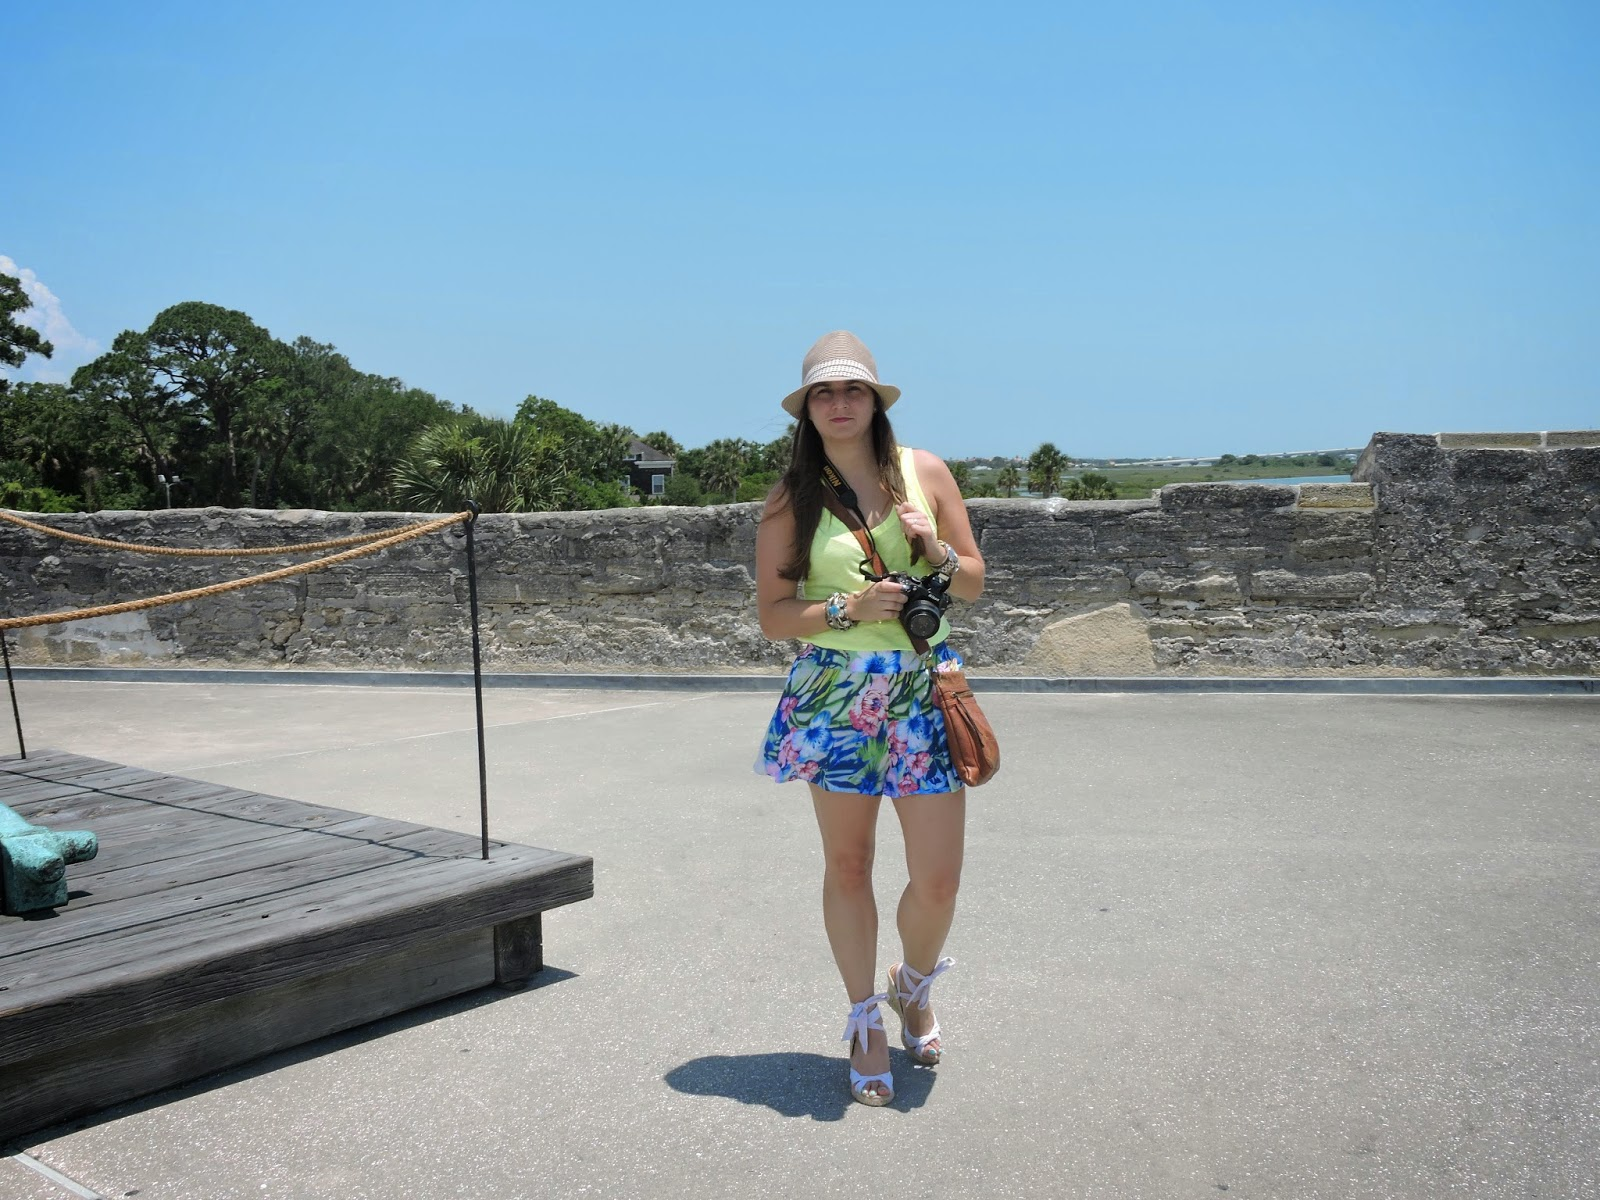 floral shorts - neon top - hat - espadrilles